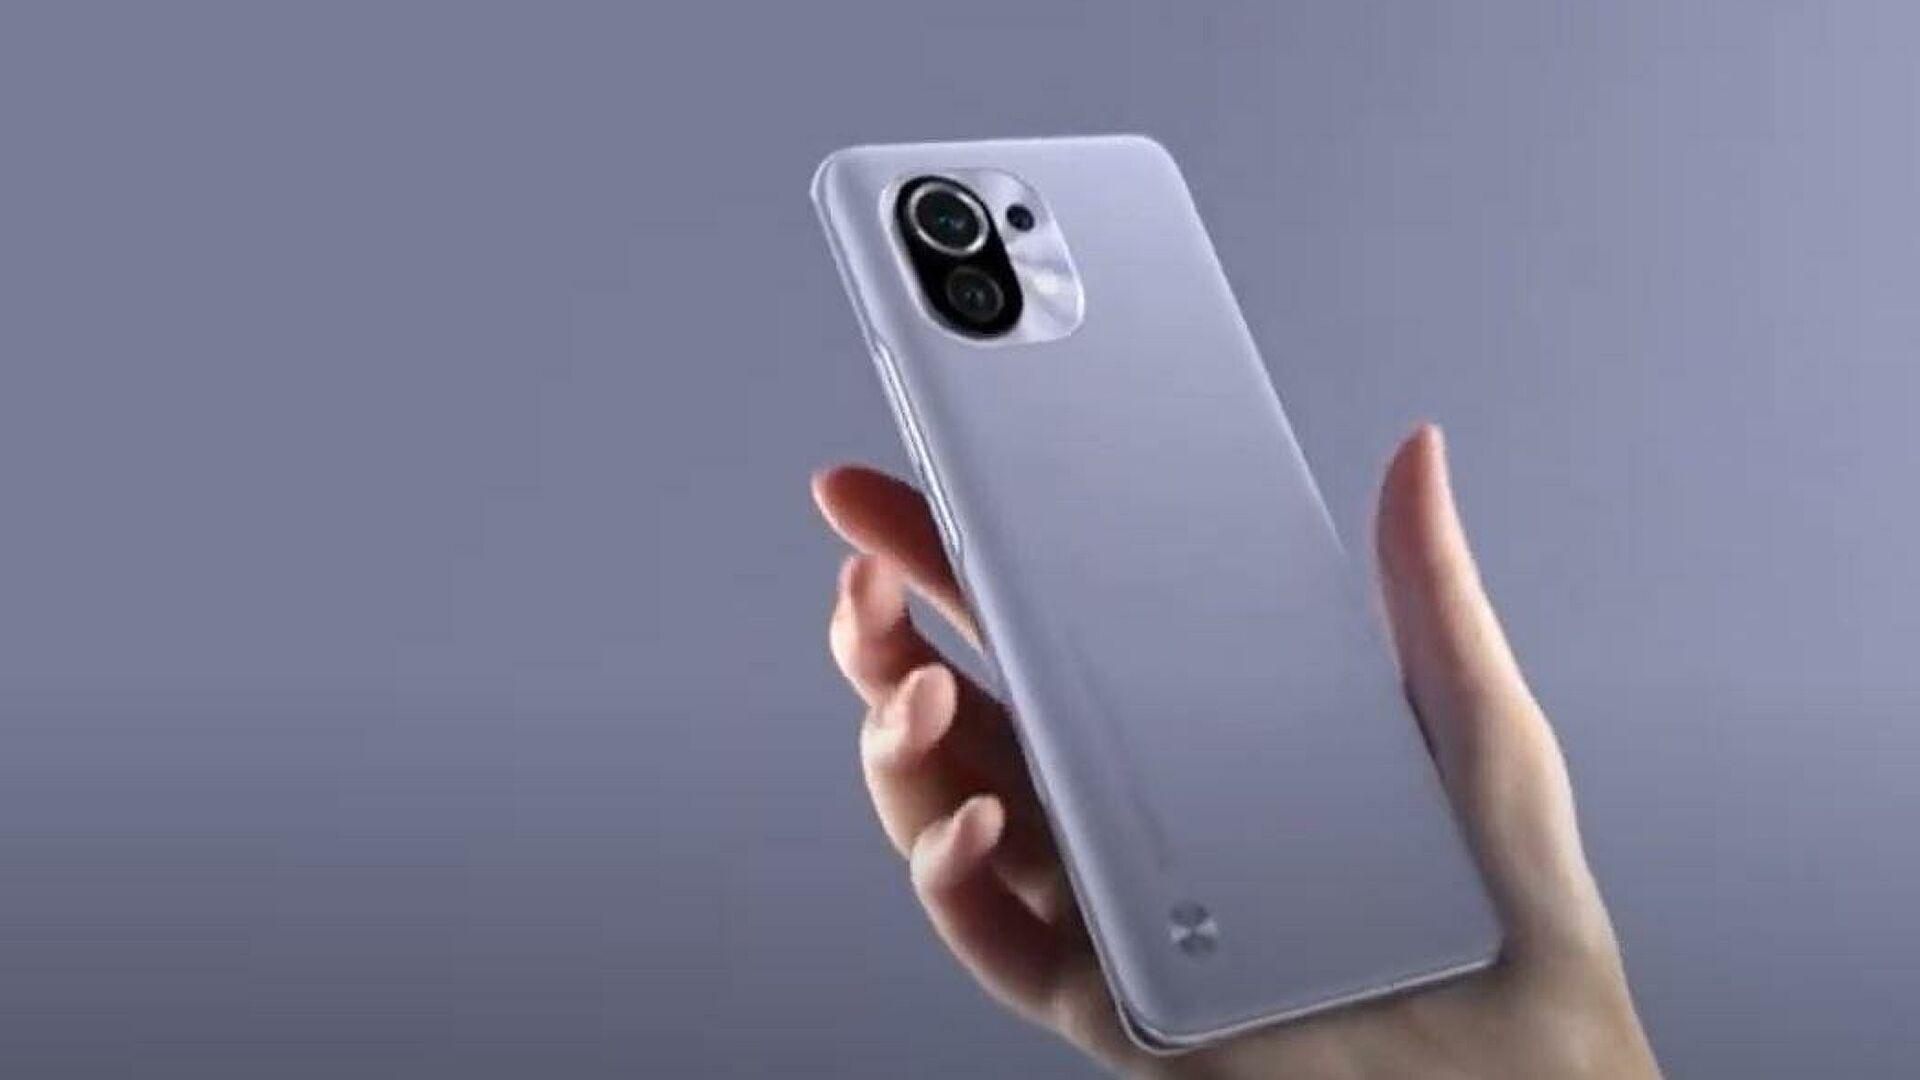 Себестоимость новейшего флагманского смартфона Xiaomi оказалась на уровне iPhone 12